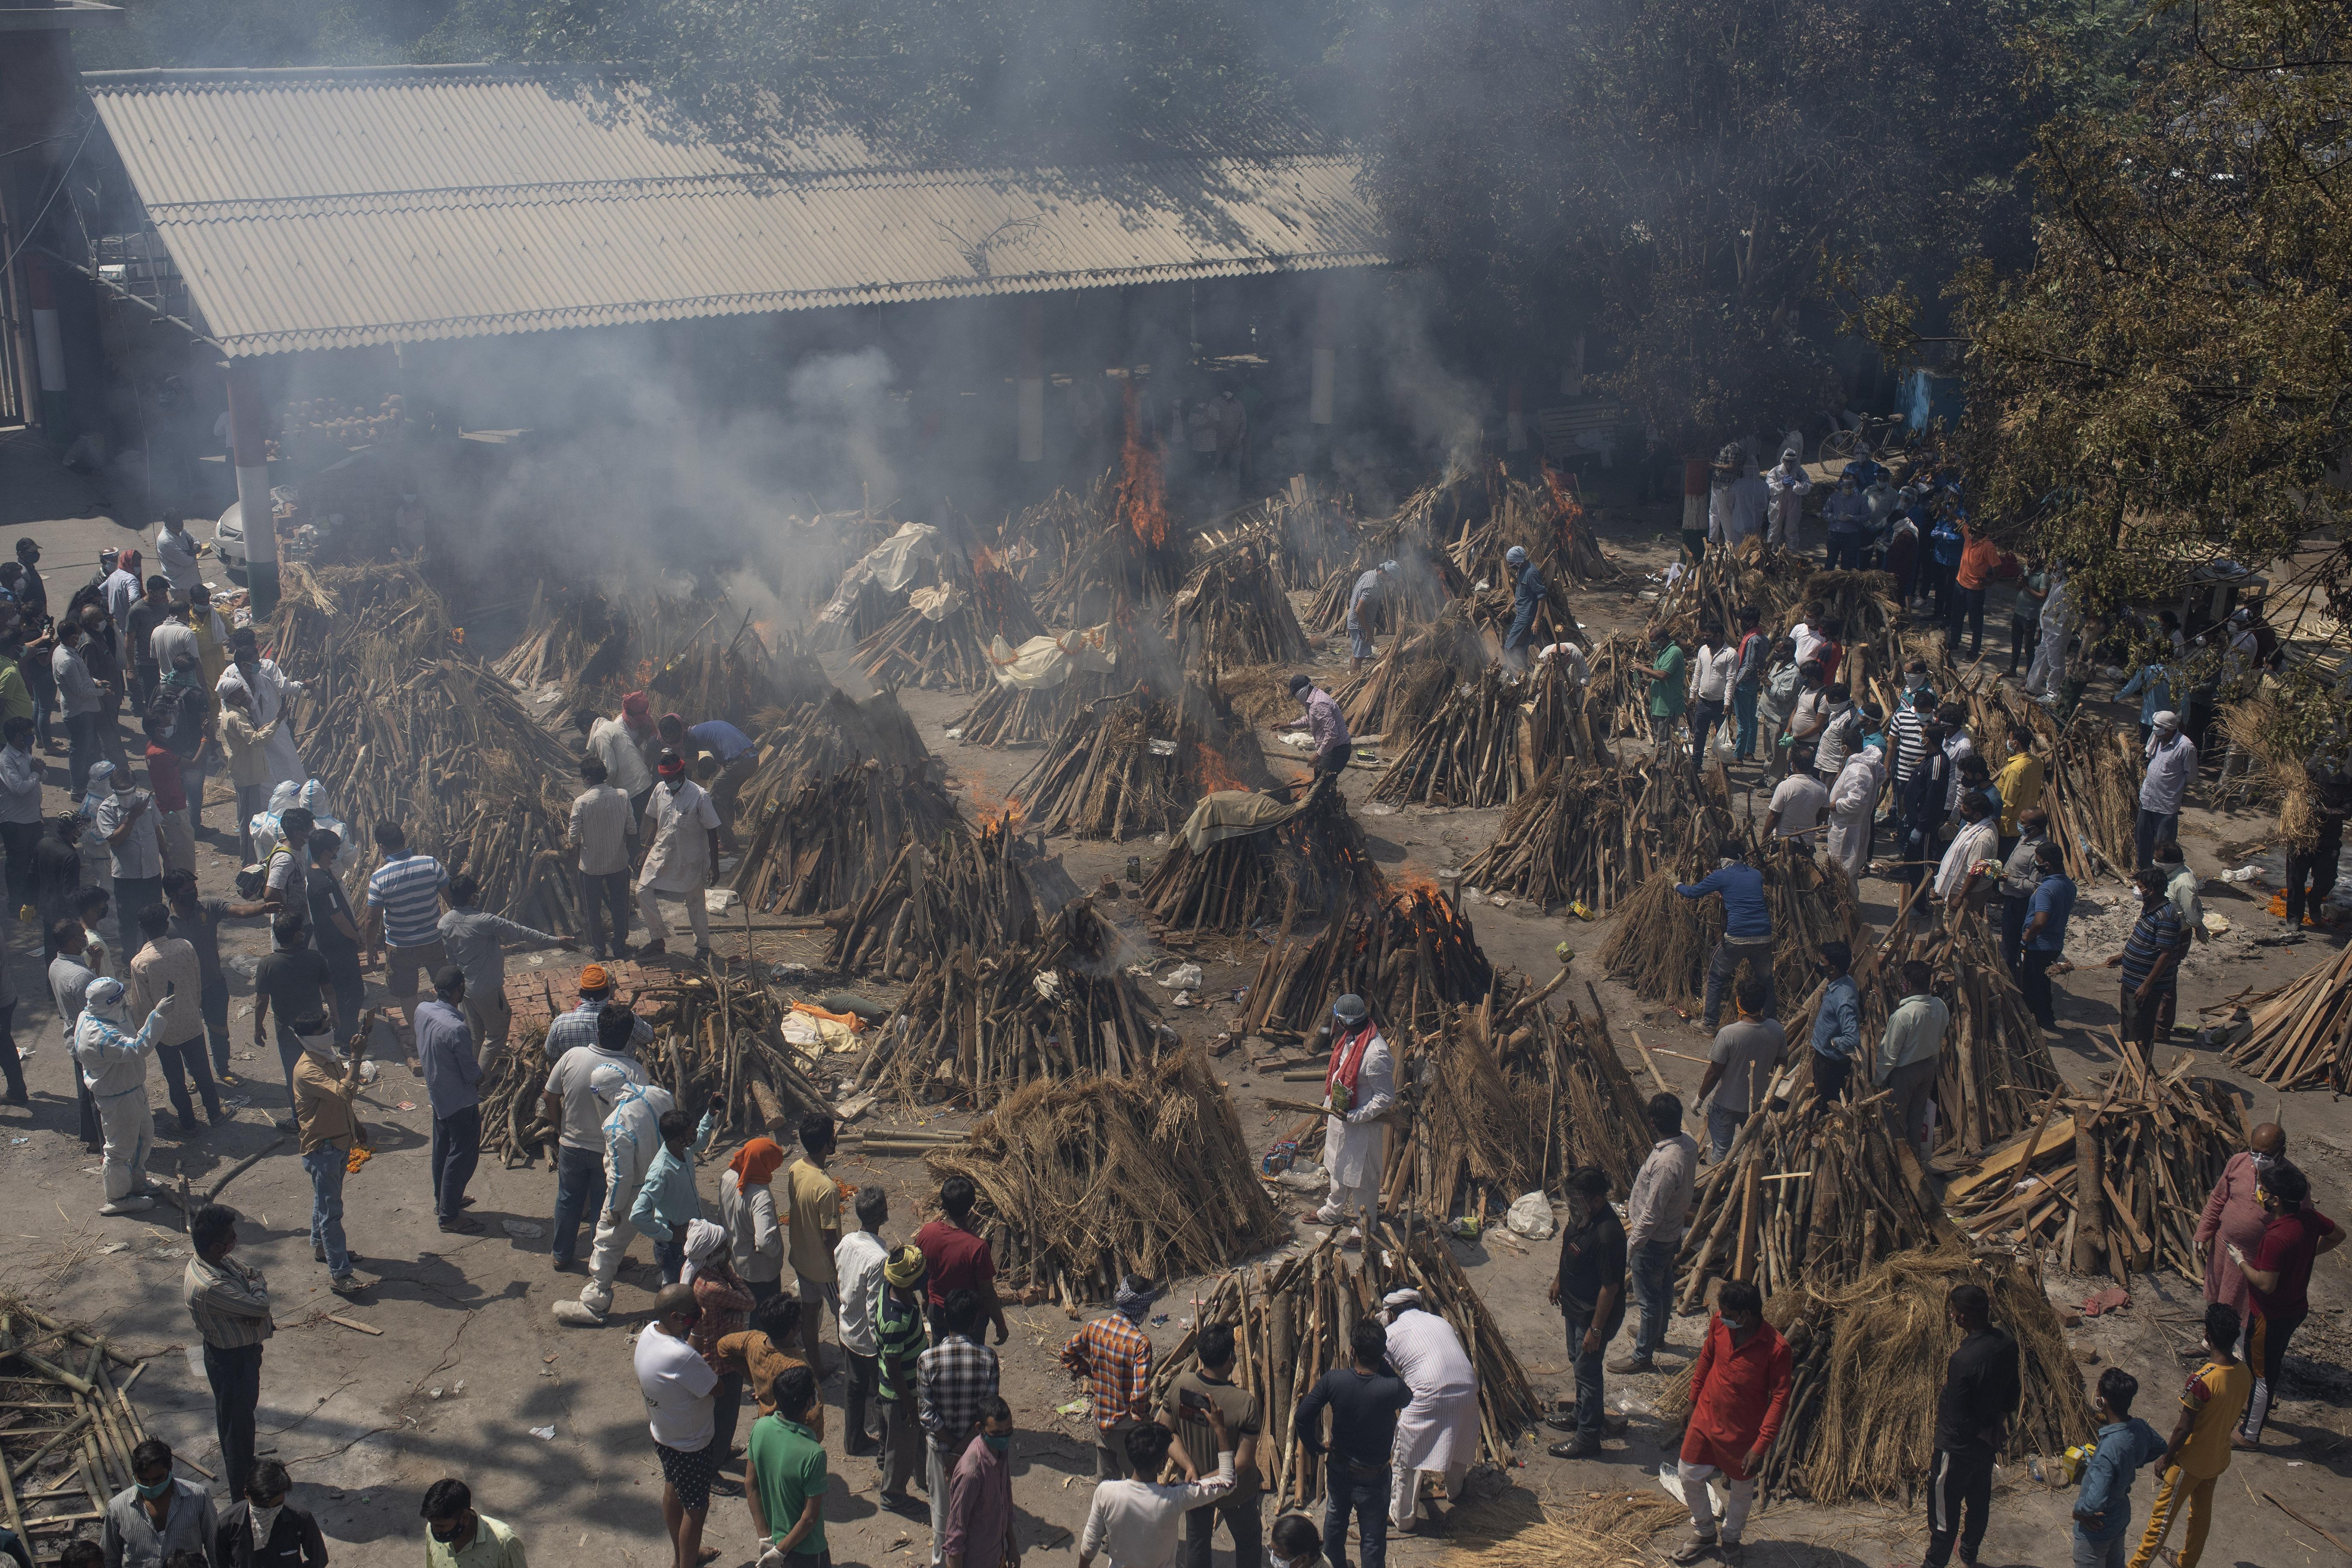 Những giàn hỏa táng người chết vì Covid-19 được dựng lên tại một khu đất trống - nơi trở thành giàn hỏa táng hàng loạt của bệnh nhân Covid-19 ở New Delhi, Ấn Độ - Ảnh: Altaf Qadri/AP